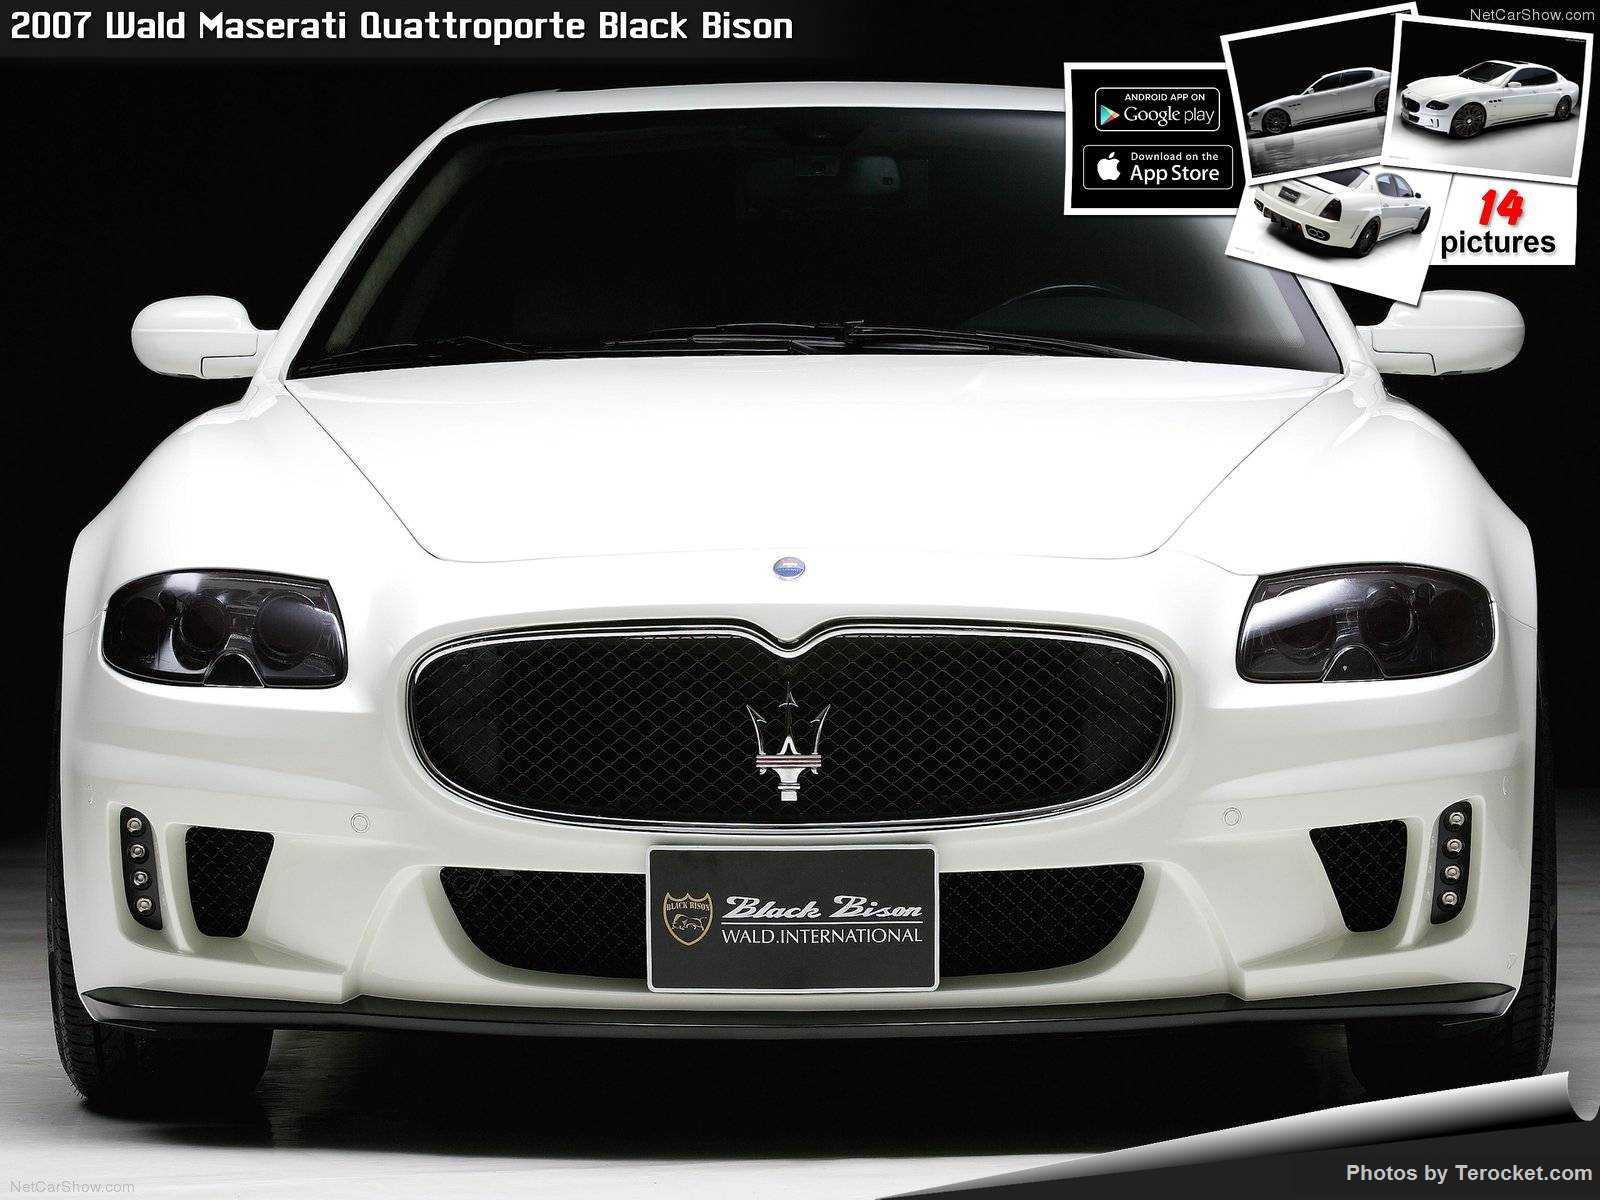 Hình ảnh xe độ Wald Maserati Quattroporte Black Bison 2007 & nội ngoại thất